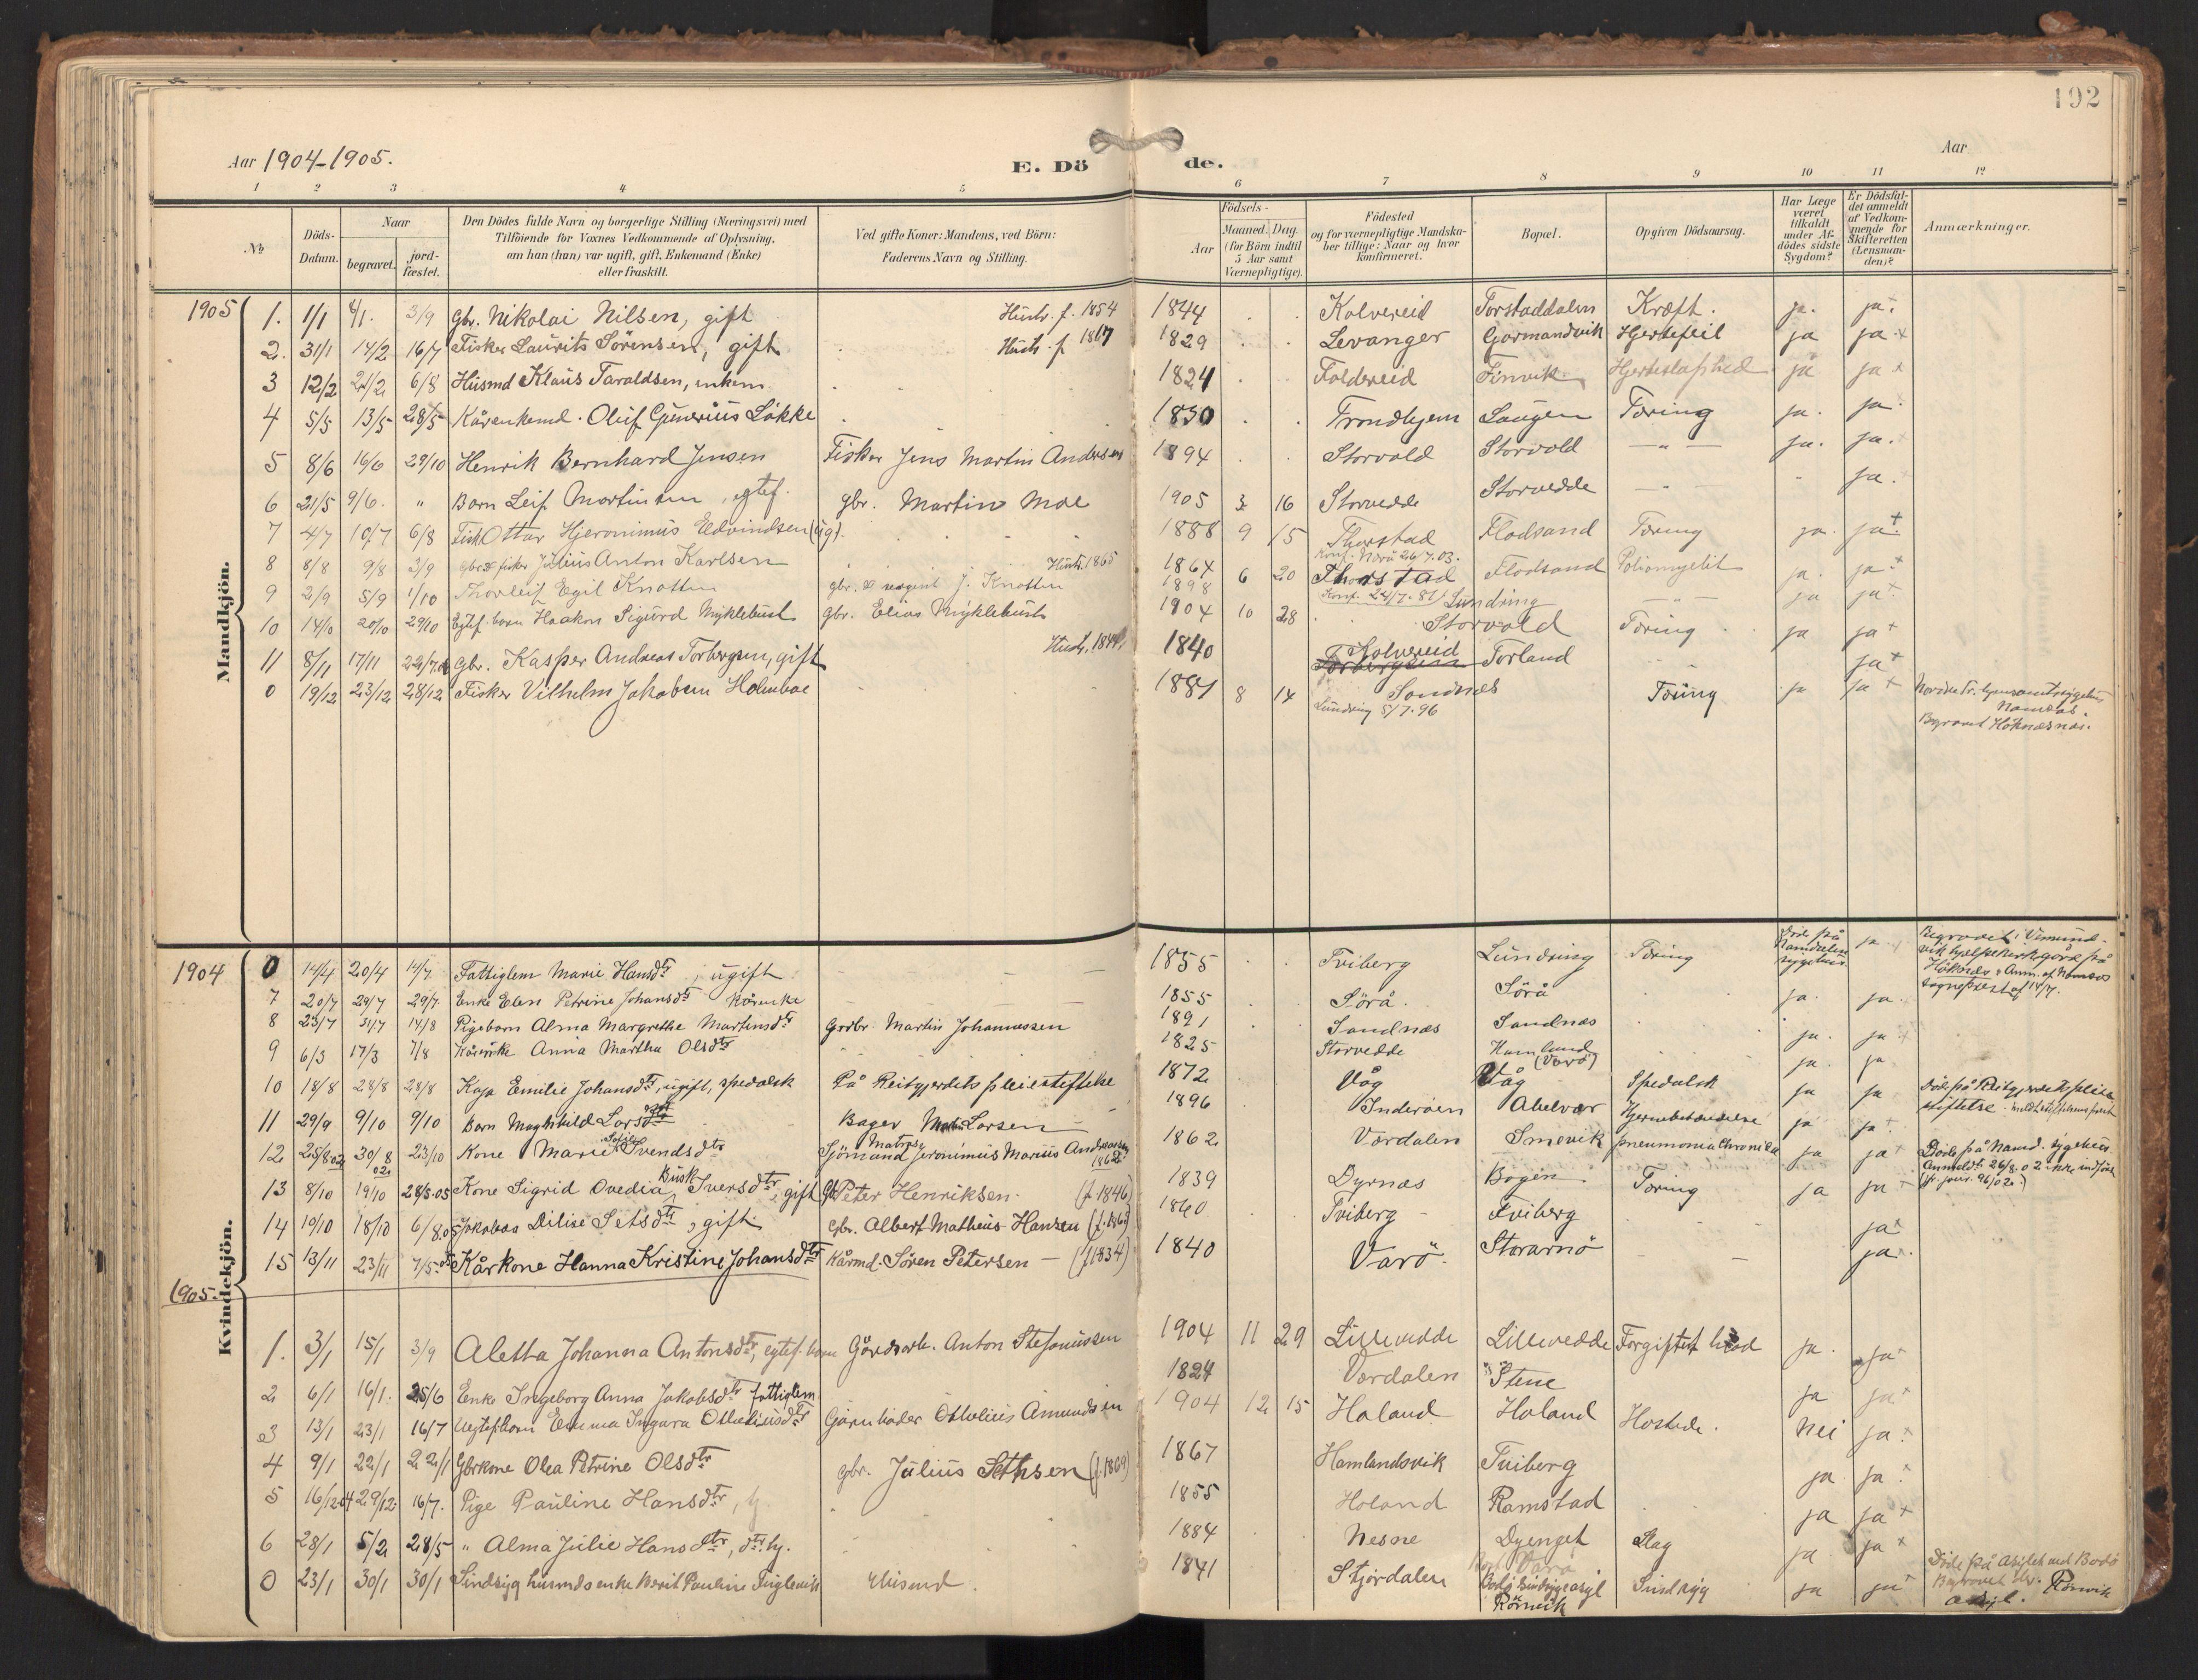 SAT, Ministerialprotokoller, klokkerbøker og fødselsregistre - Nord-Trøndelag, 784/L0677: Ministerialbok nr. 784A12, 1900-1920, s. 192